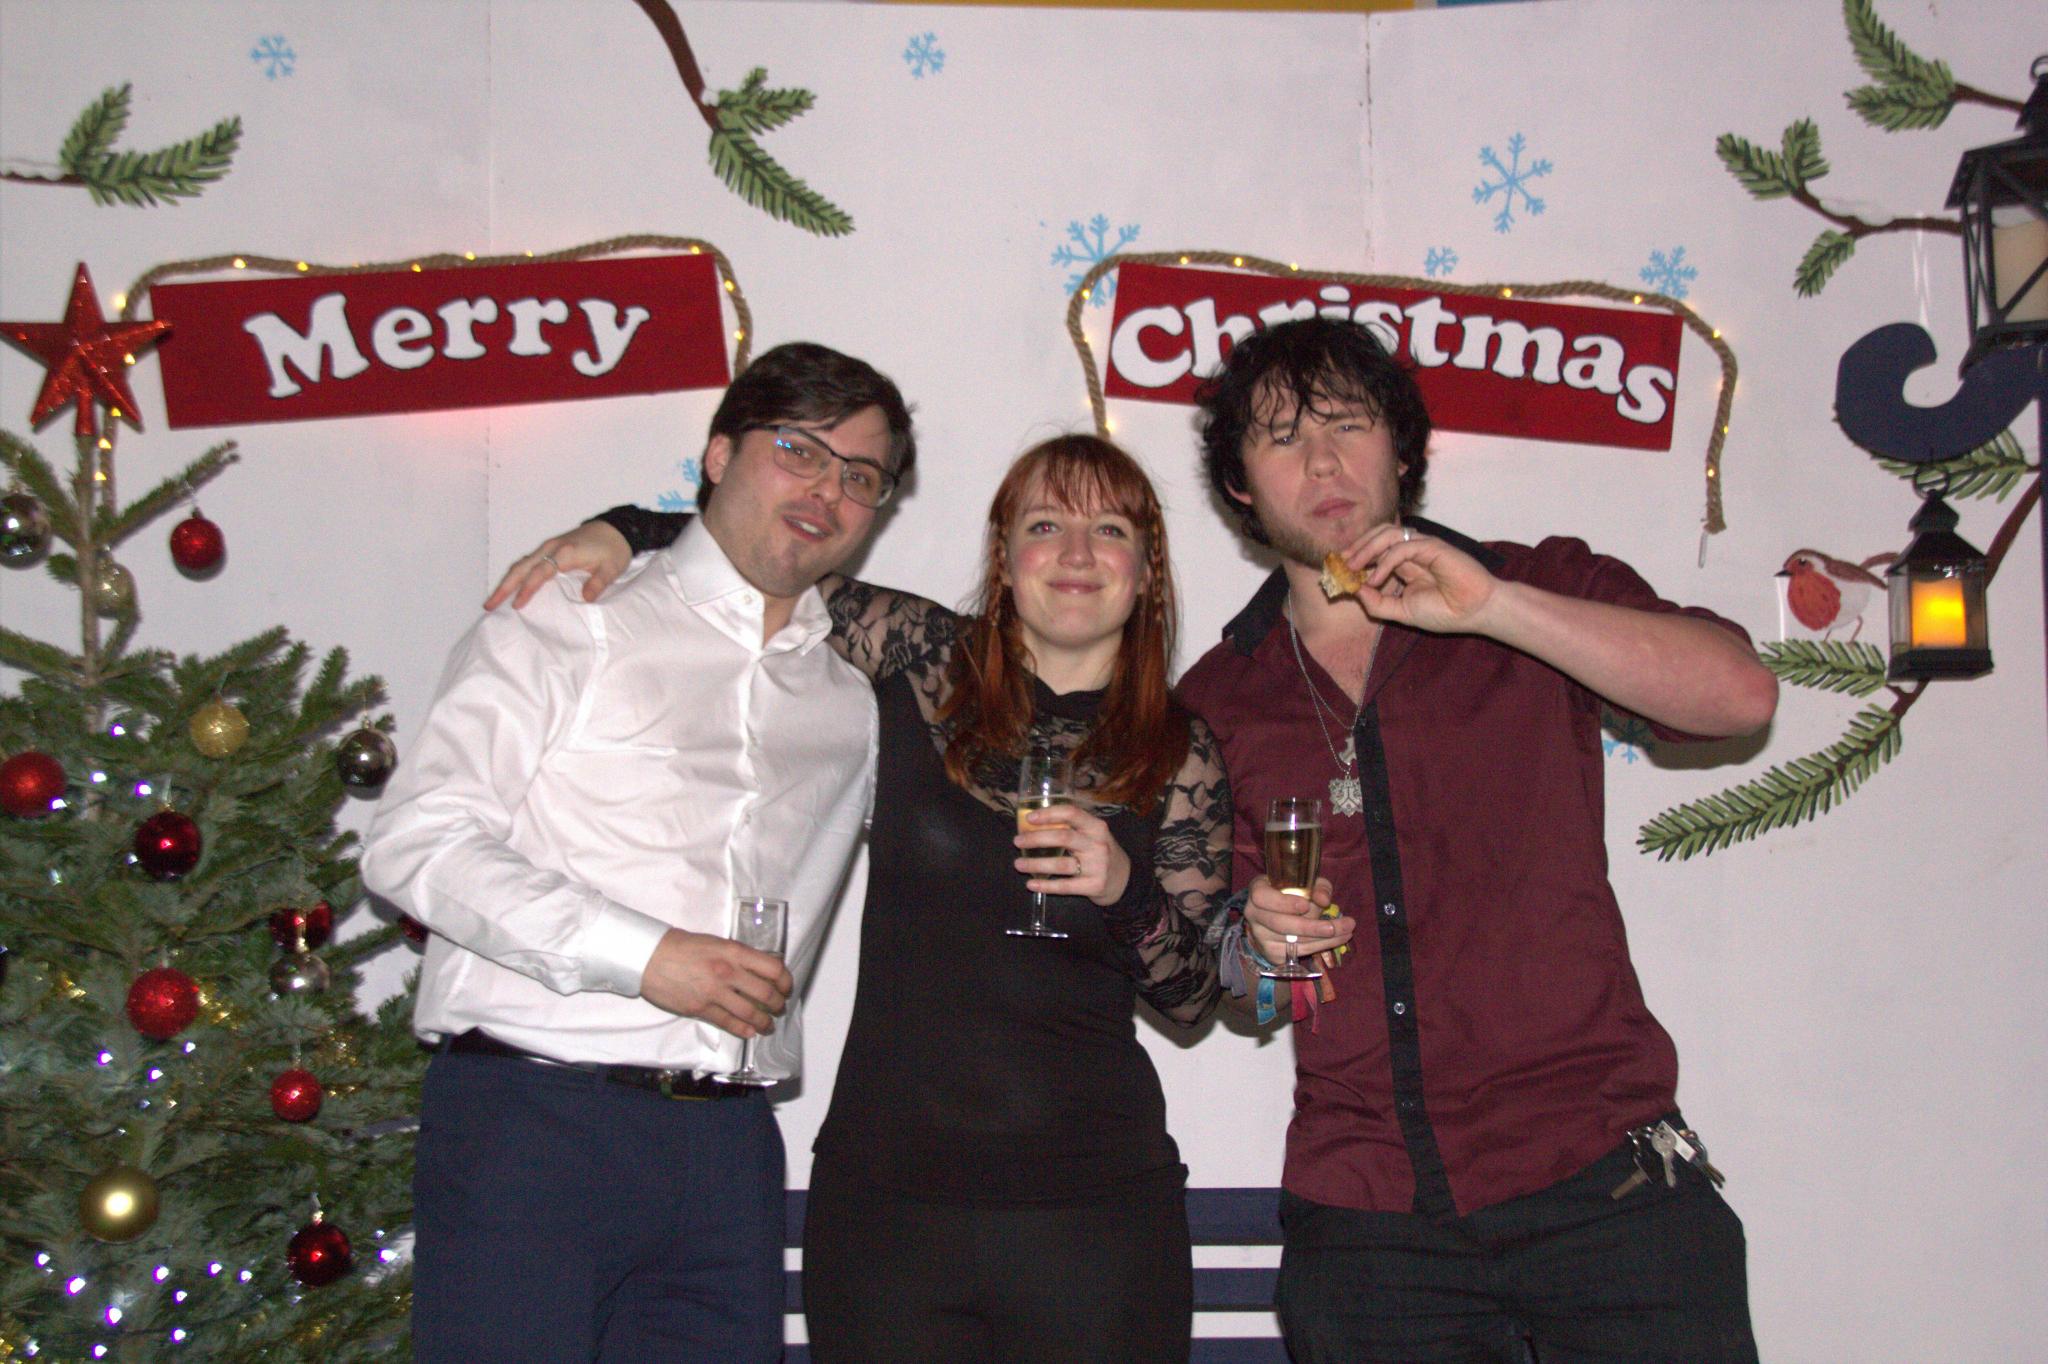 Kerstfeest_158